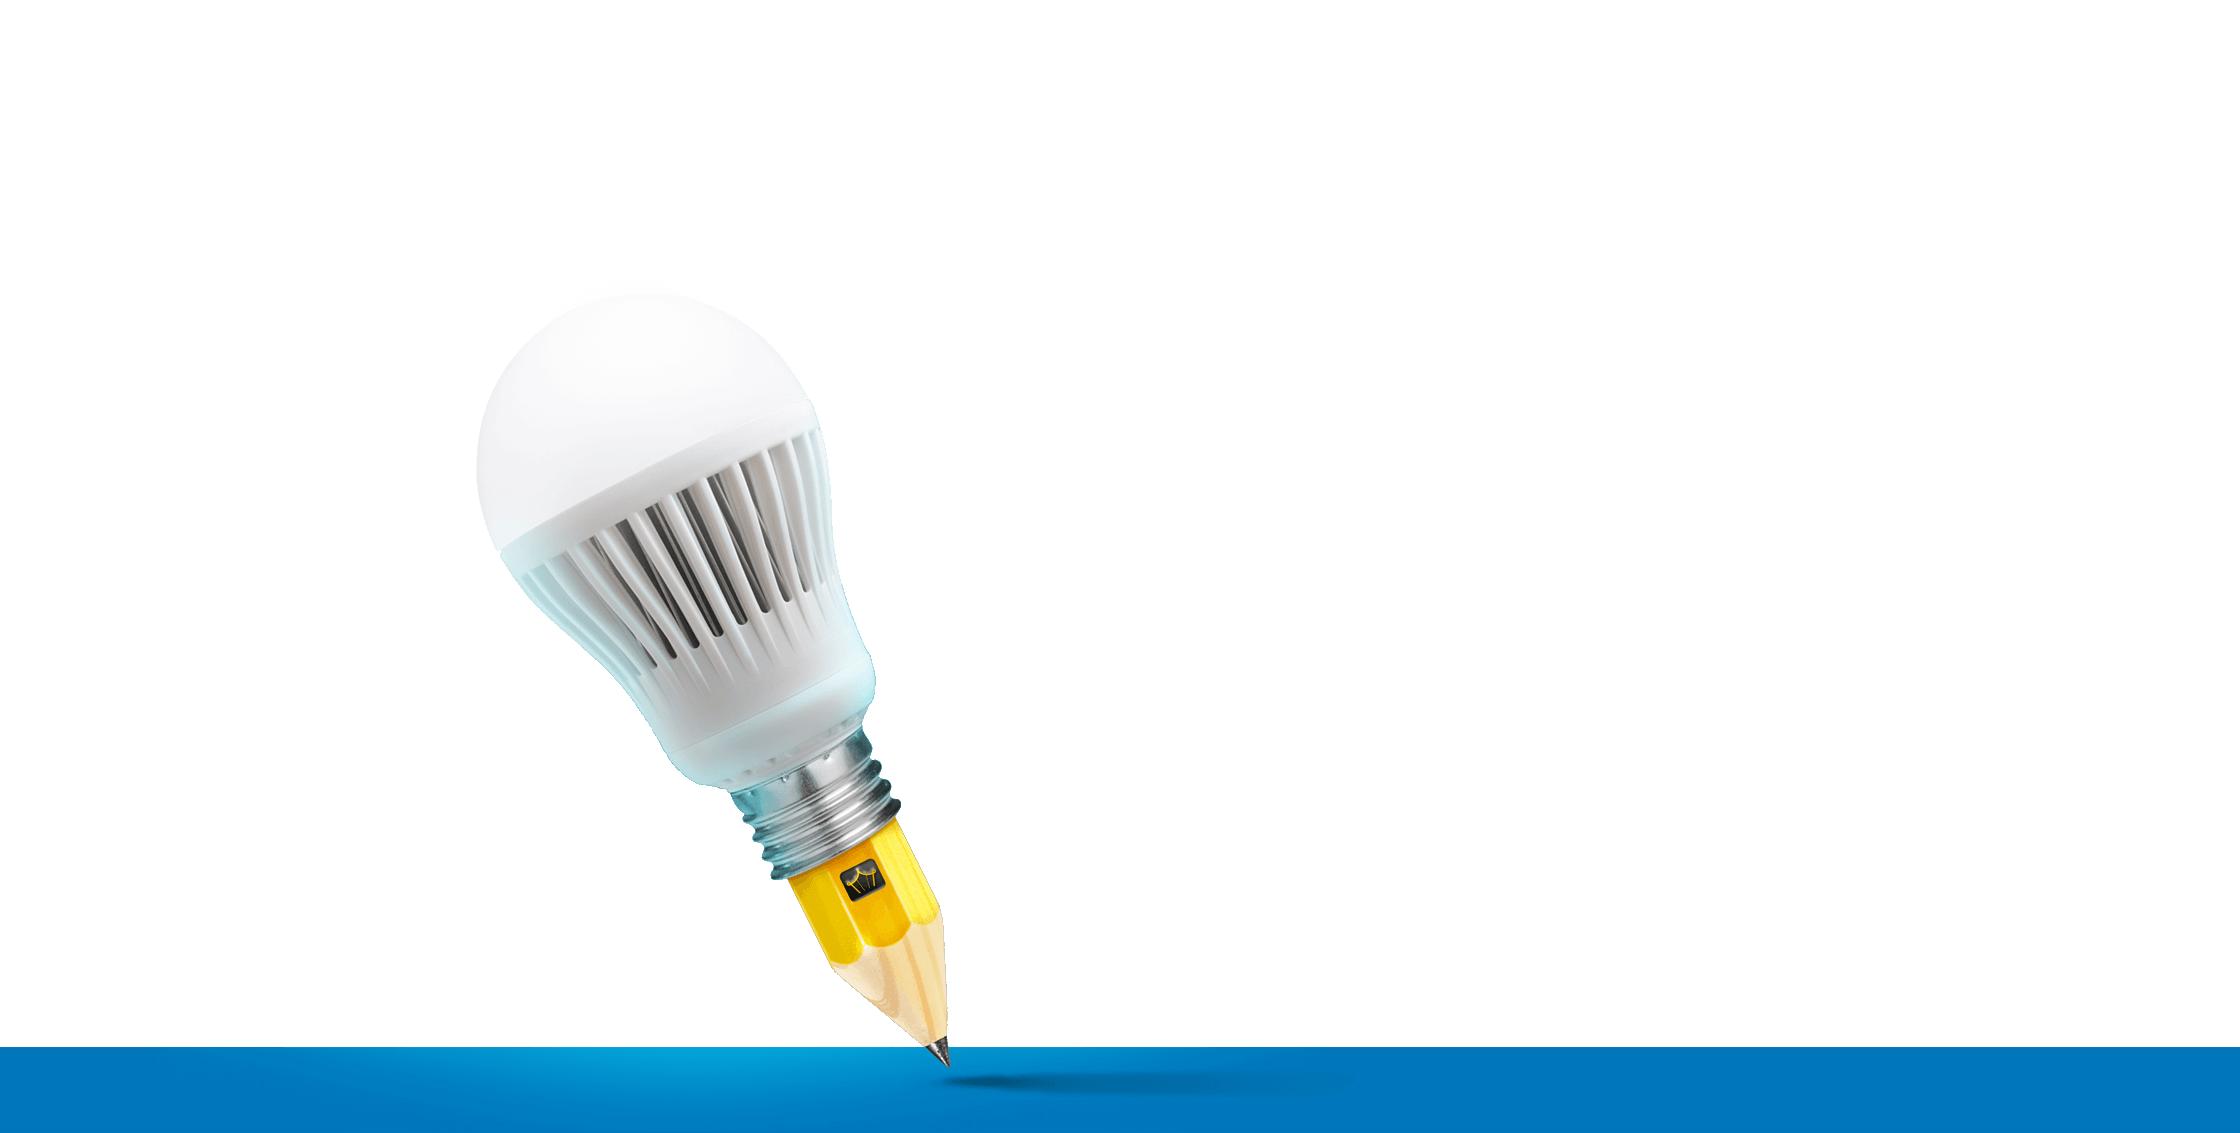 TC Bulb Pencil